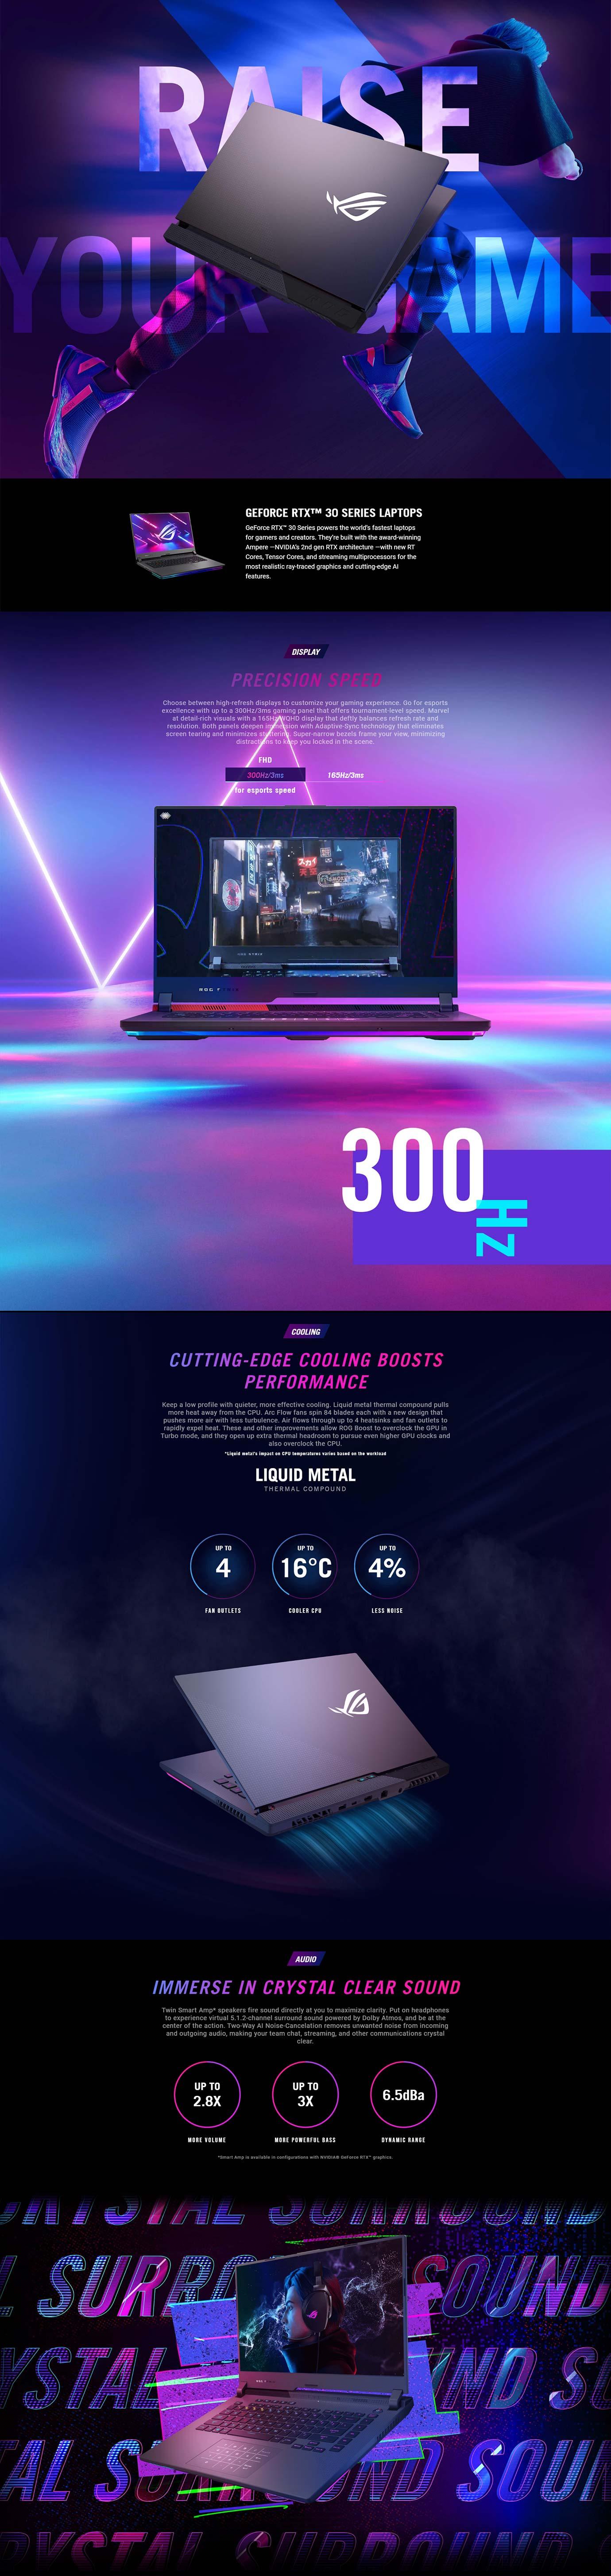 ASUS ROG Strix G15 G513 Gaming Laptop